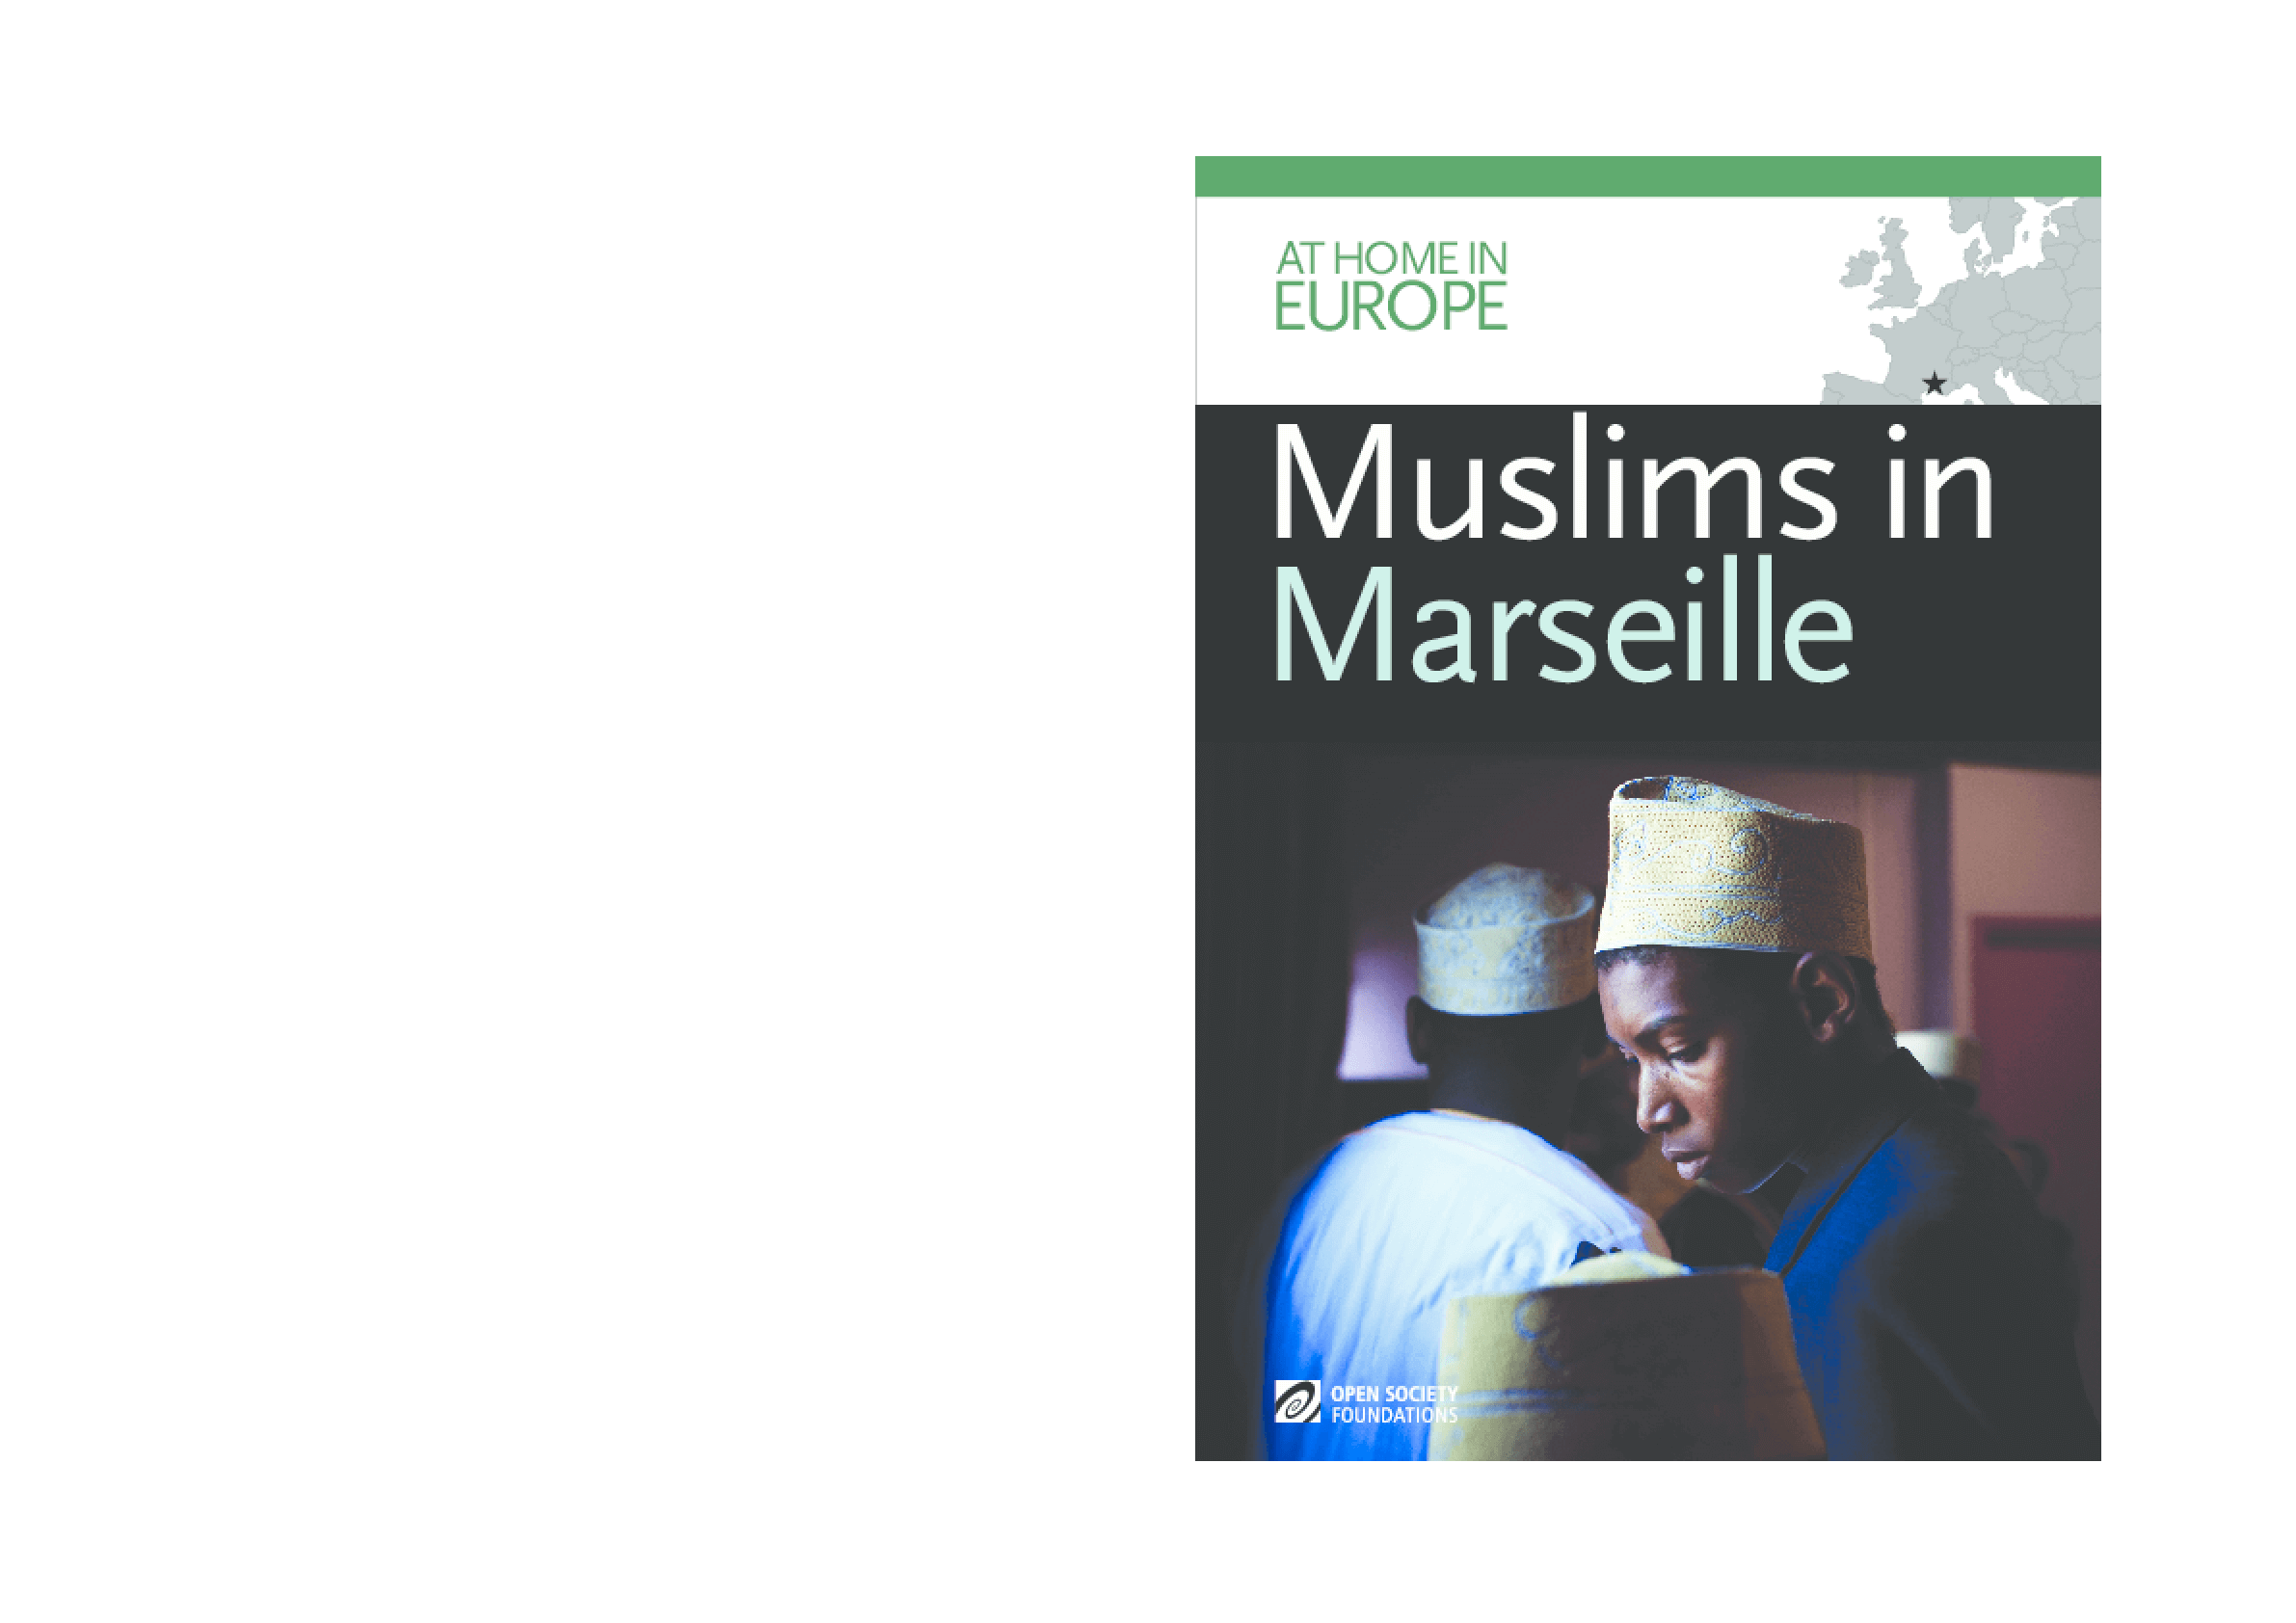 Muslims in Marseille